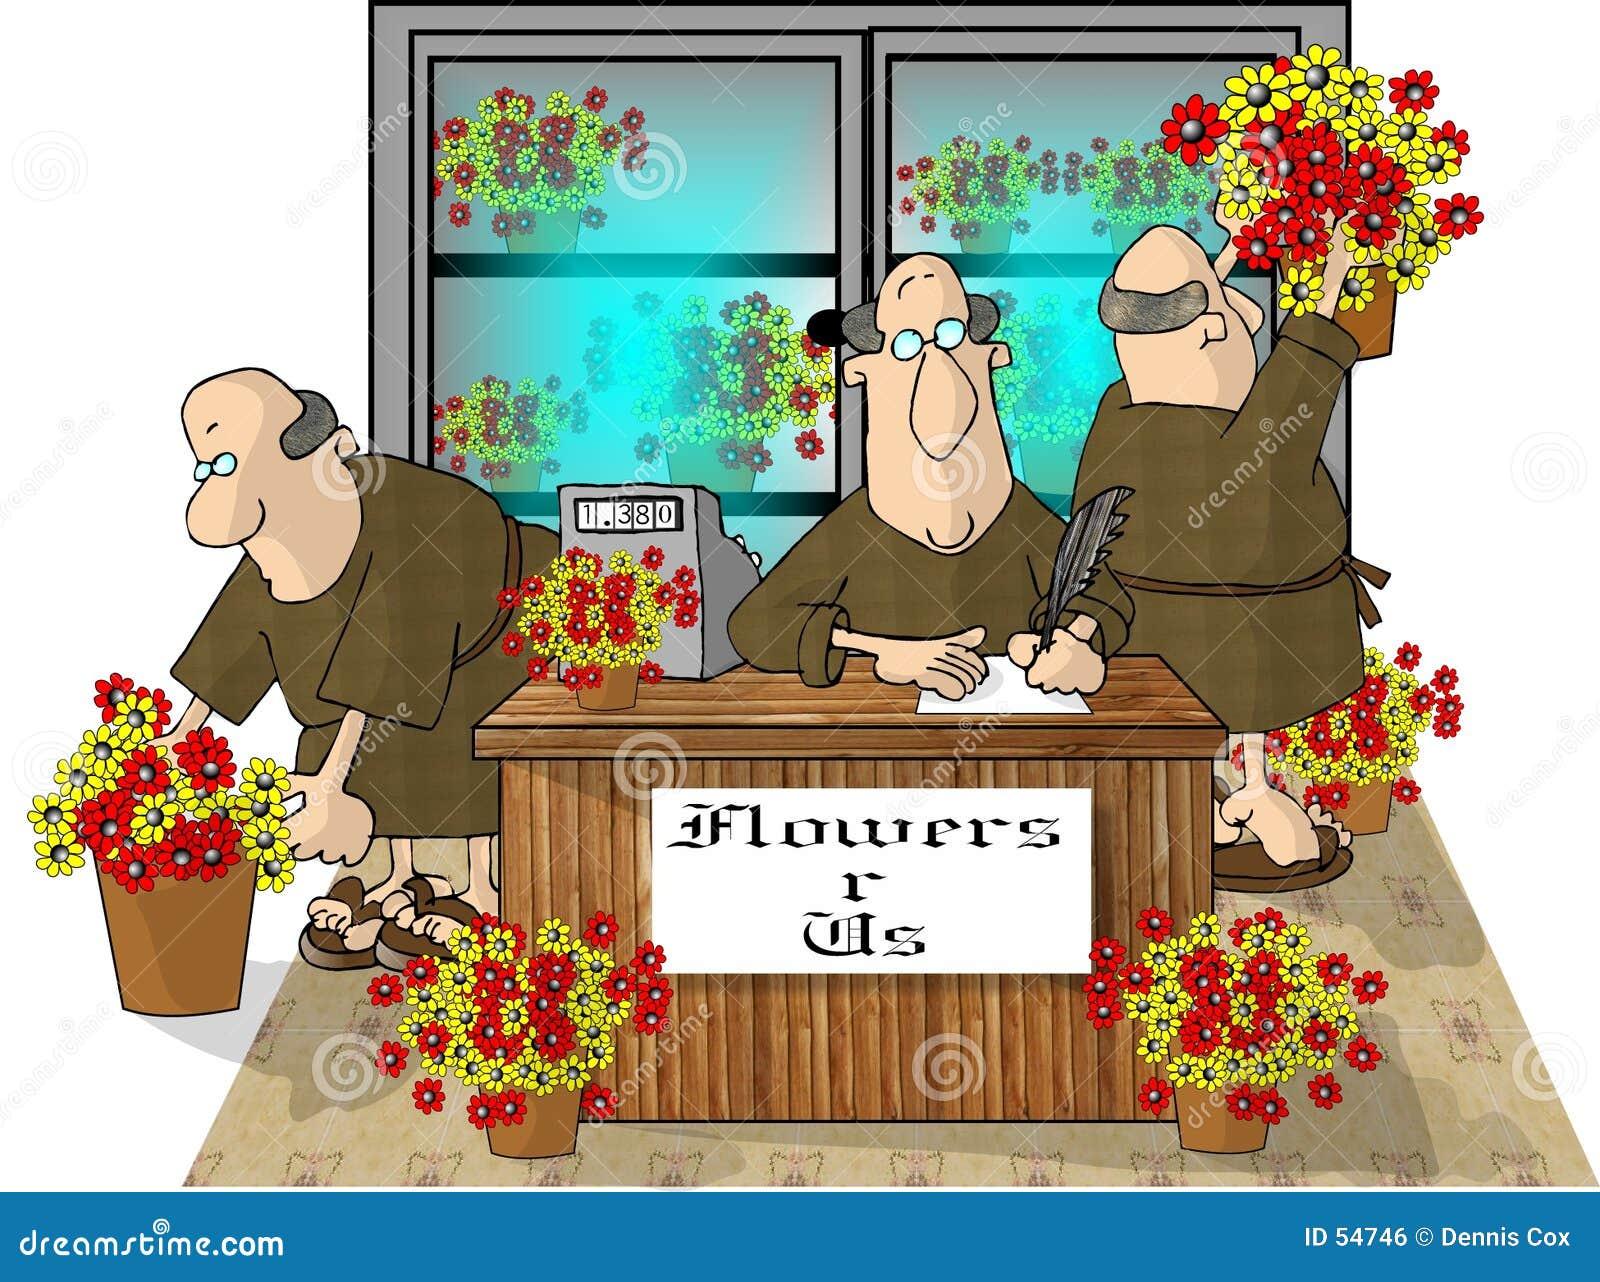 Somente você pode impedir friars do florista